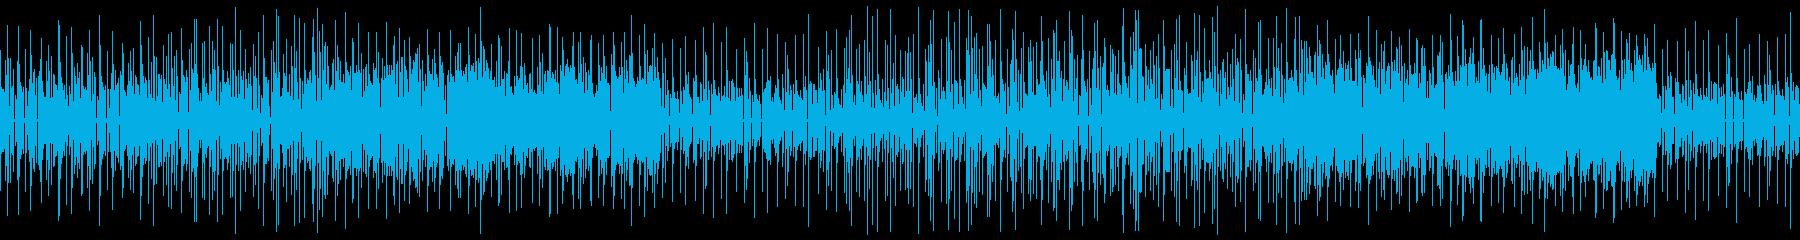 ゲームや配信向け軽快なかわいい日常系の再生済みの波形